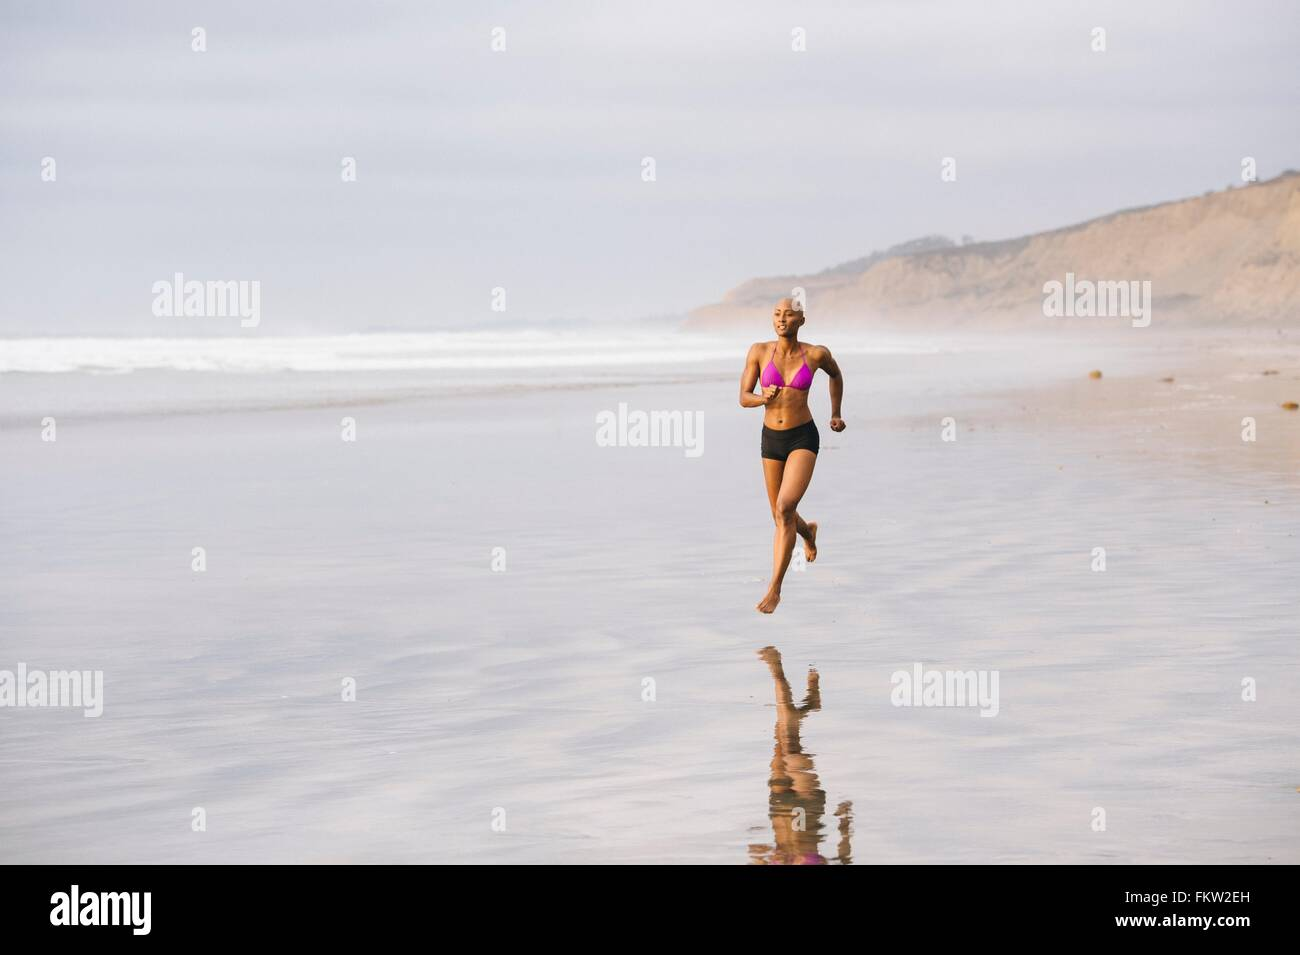 Woman in bikini jogging on beach - Stock Image